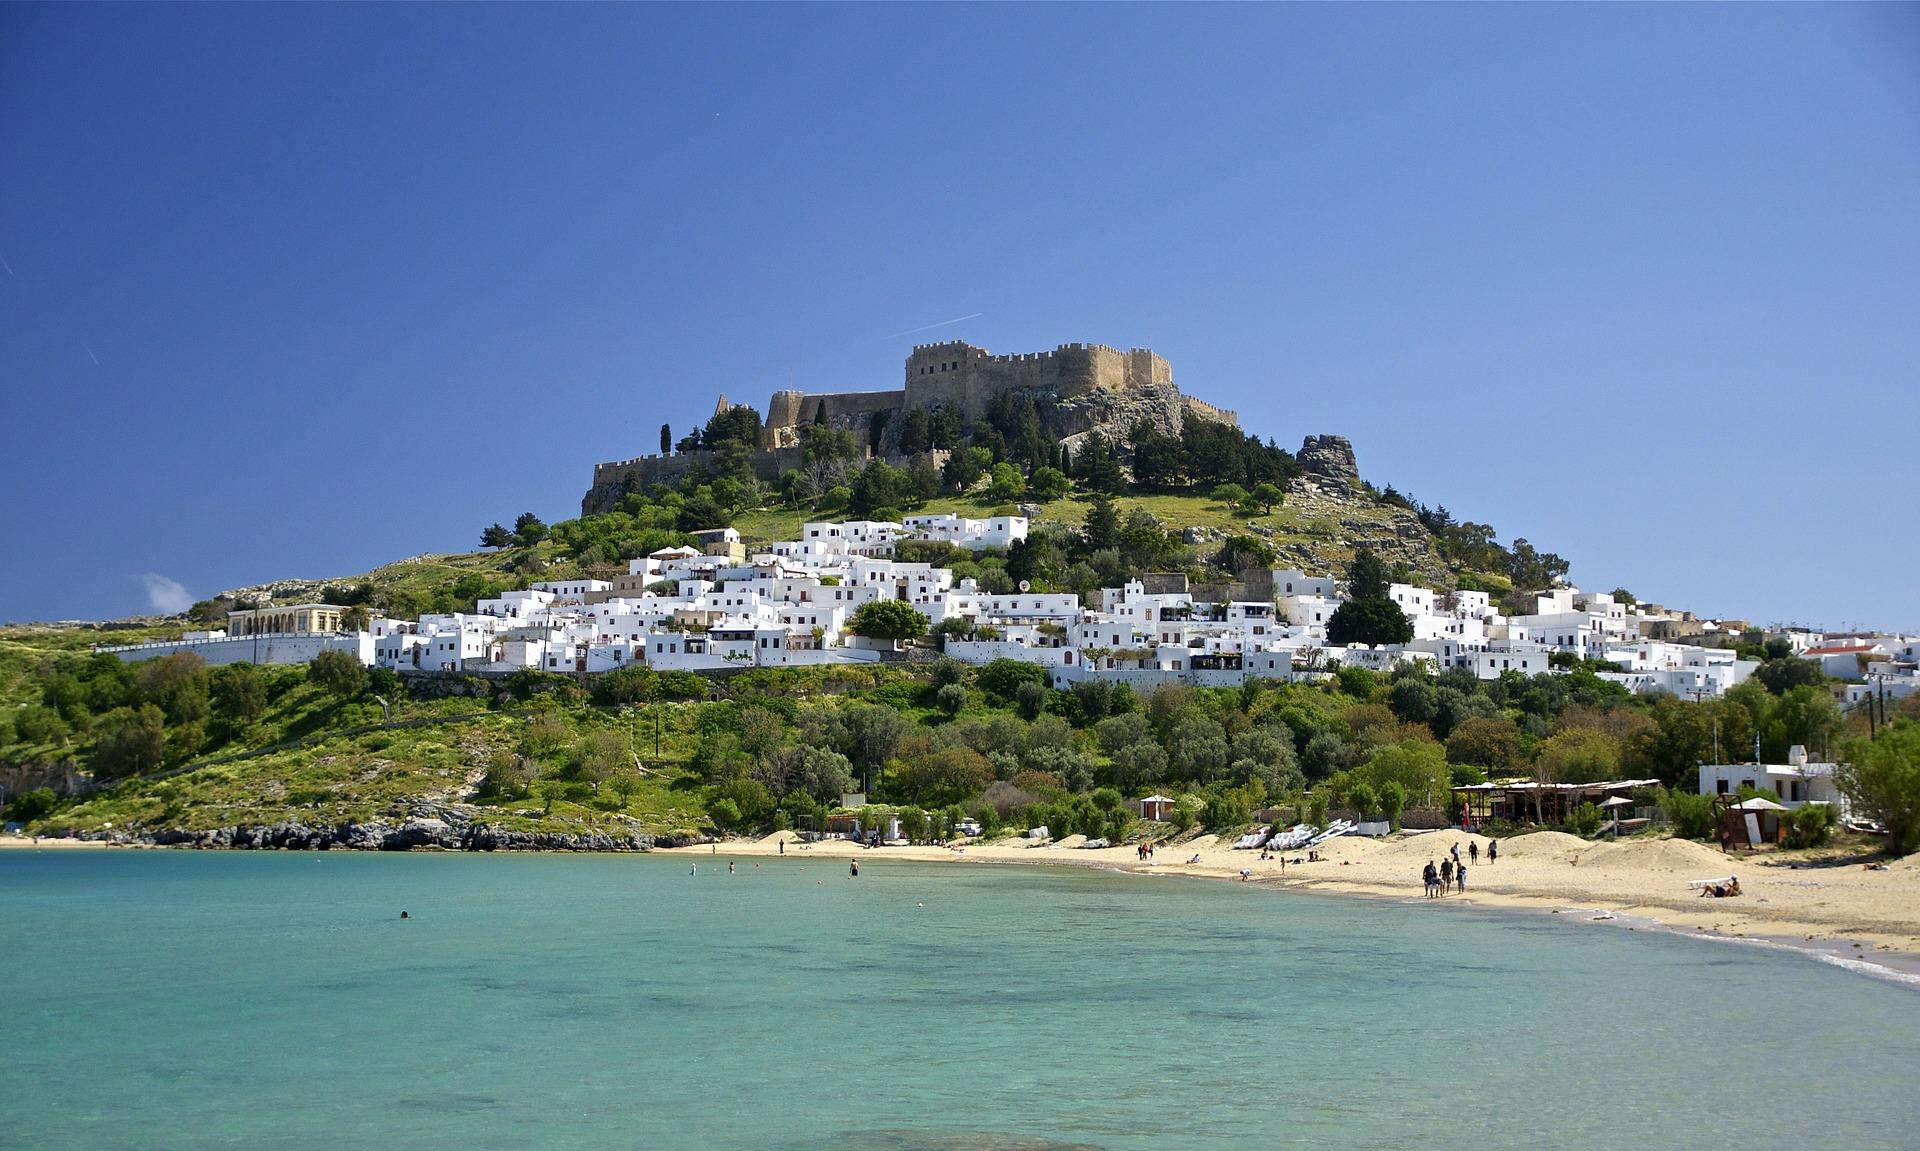 Rhodos, Dodekanes